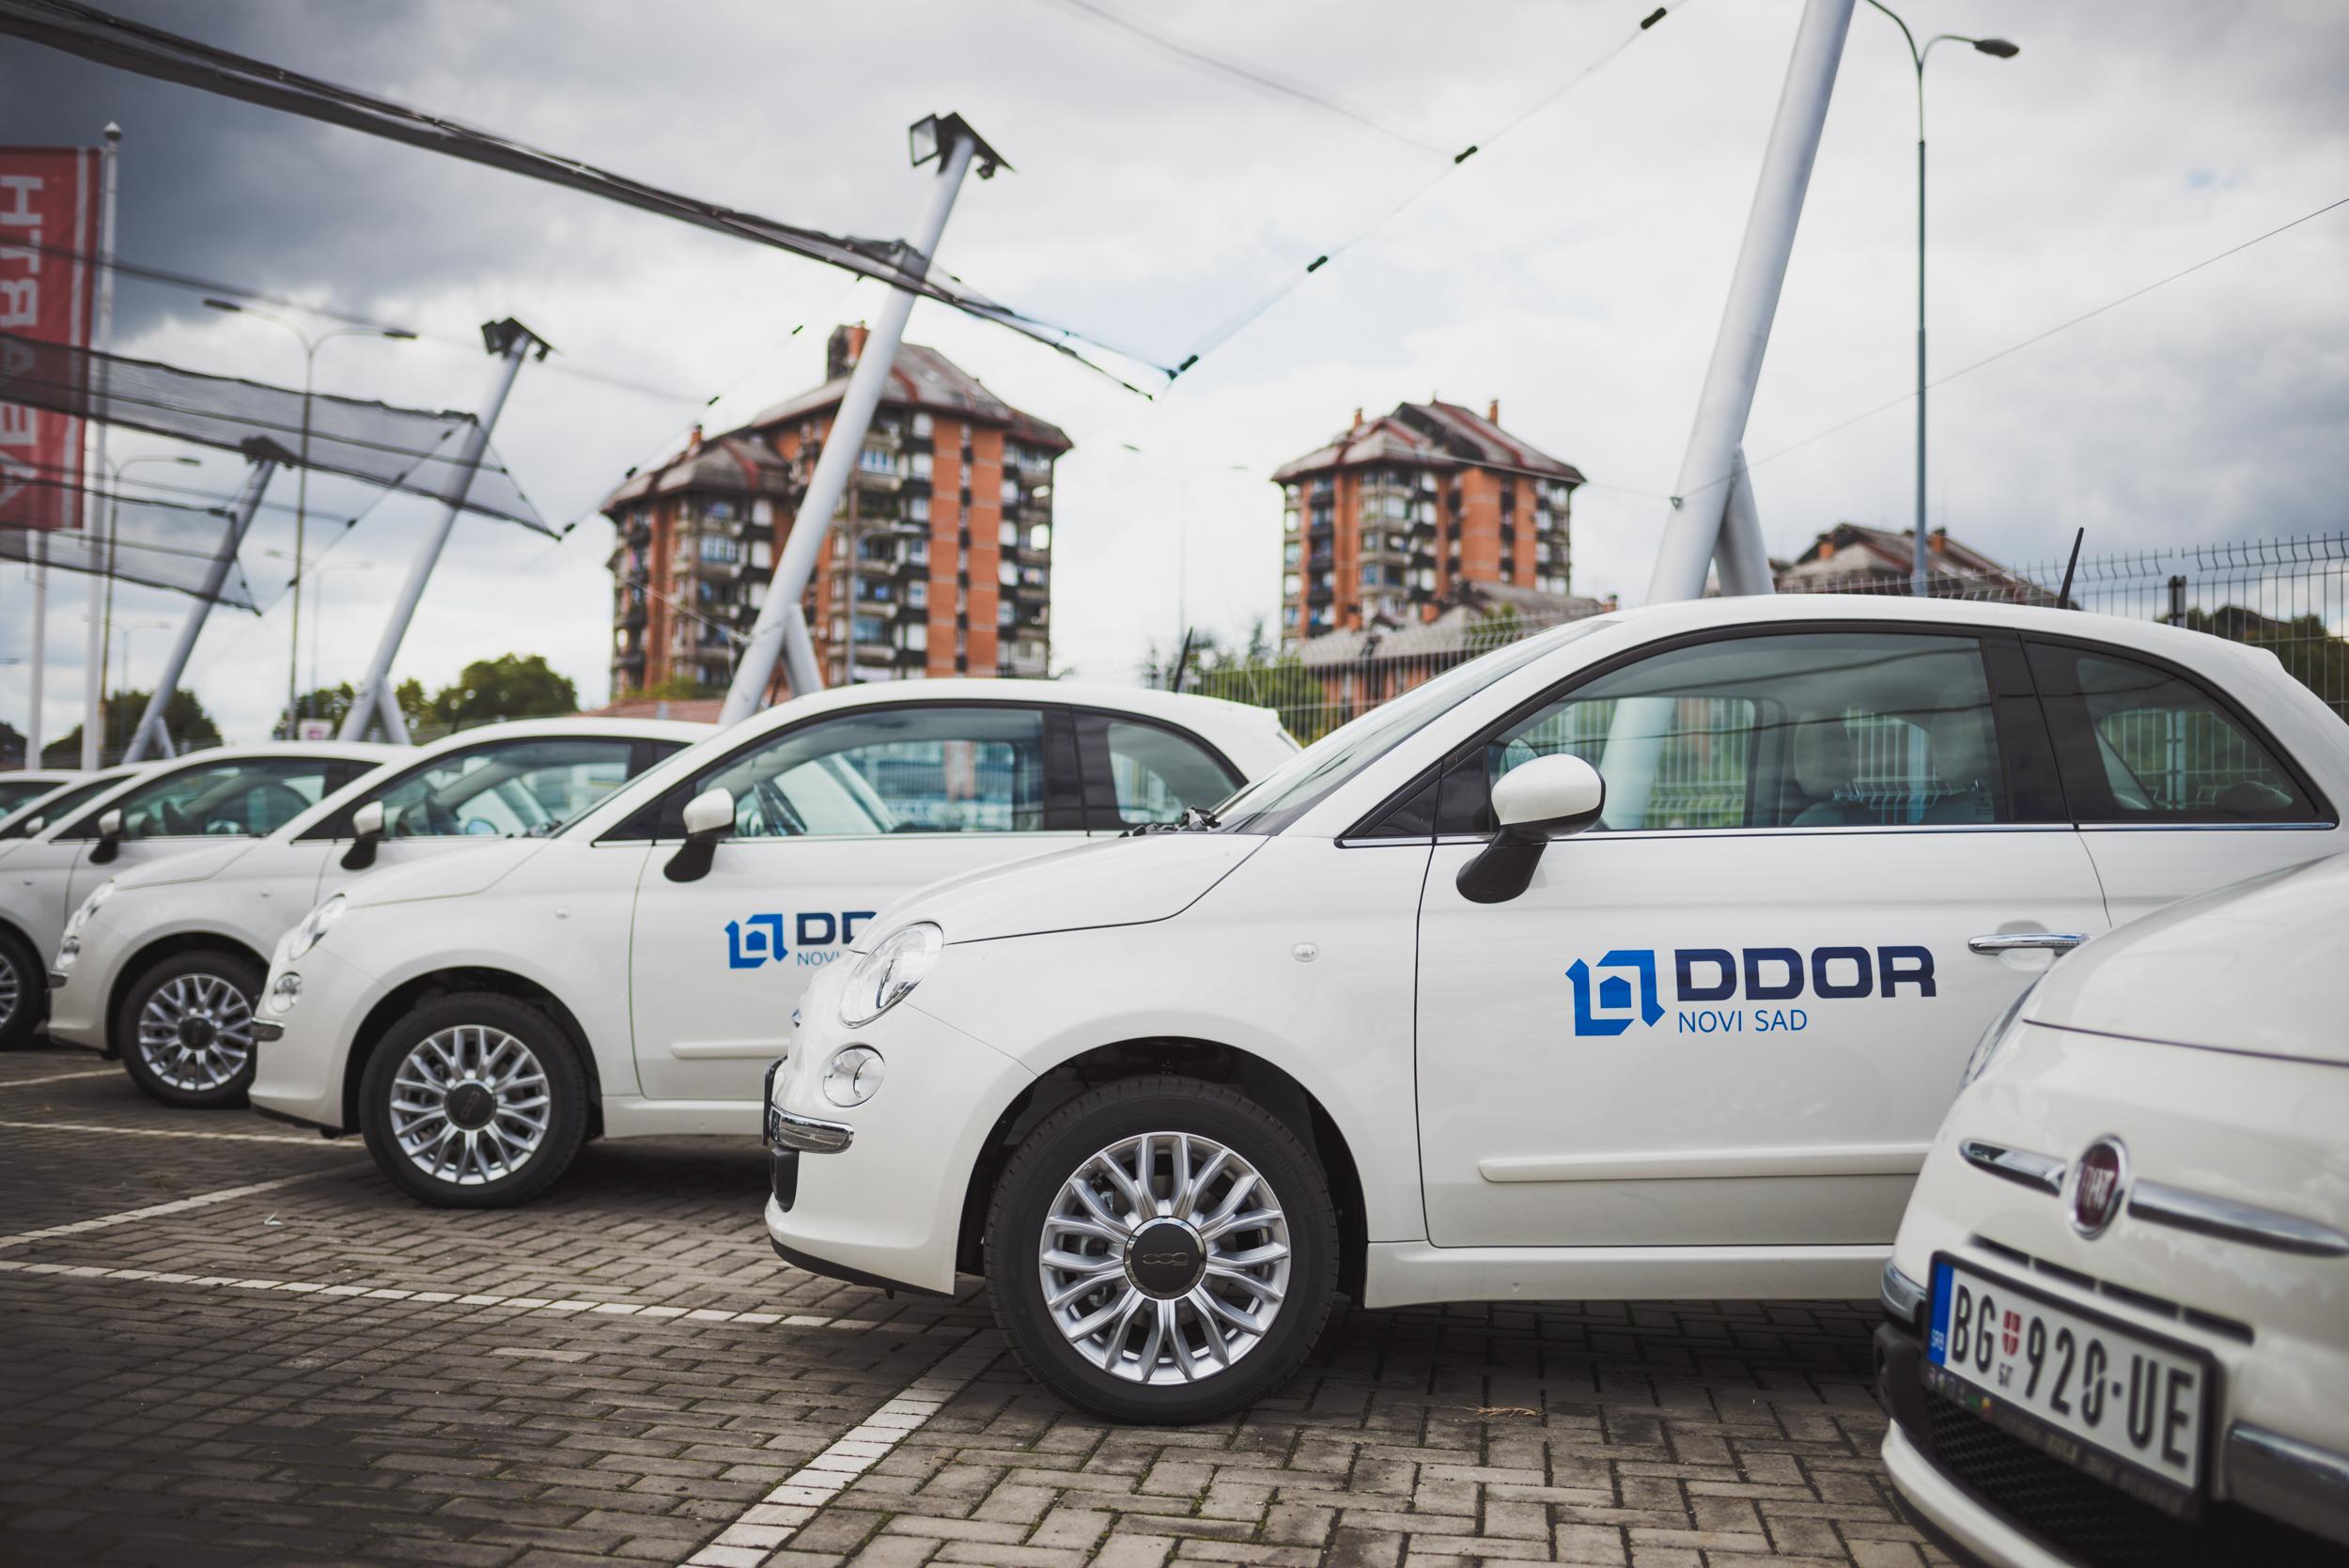 New DDOR cars